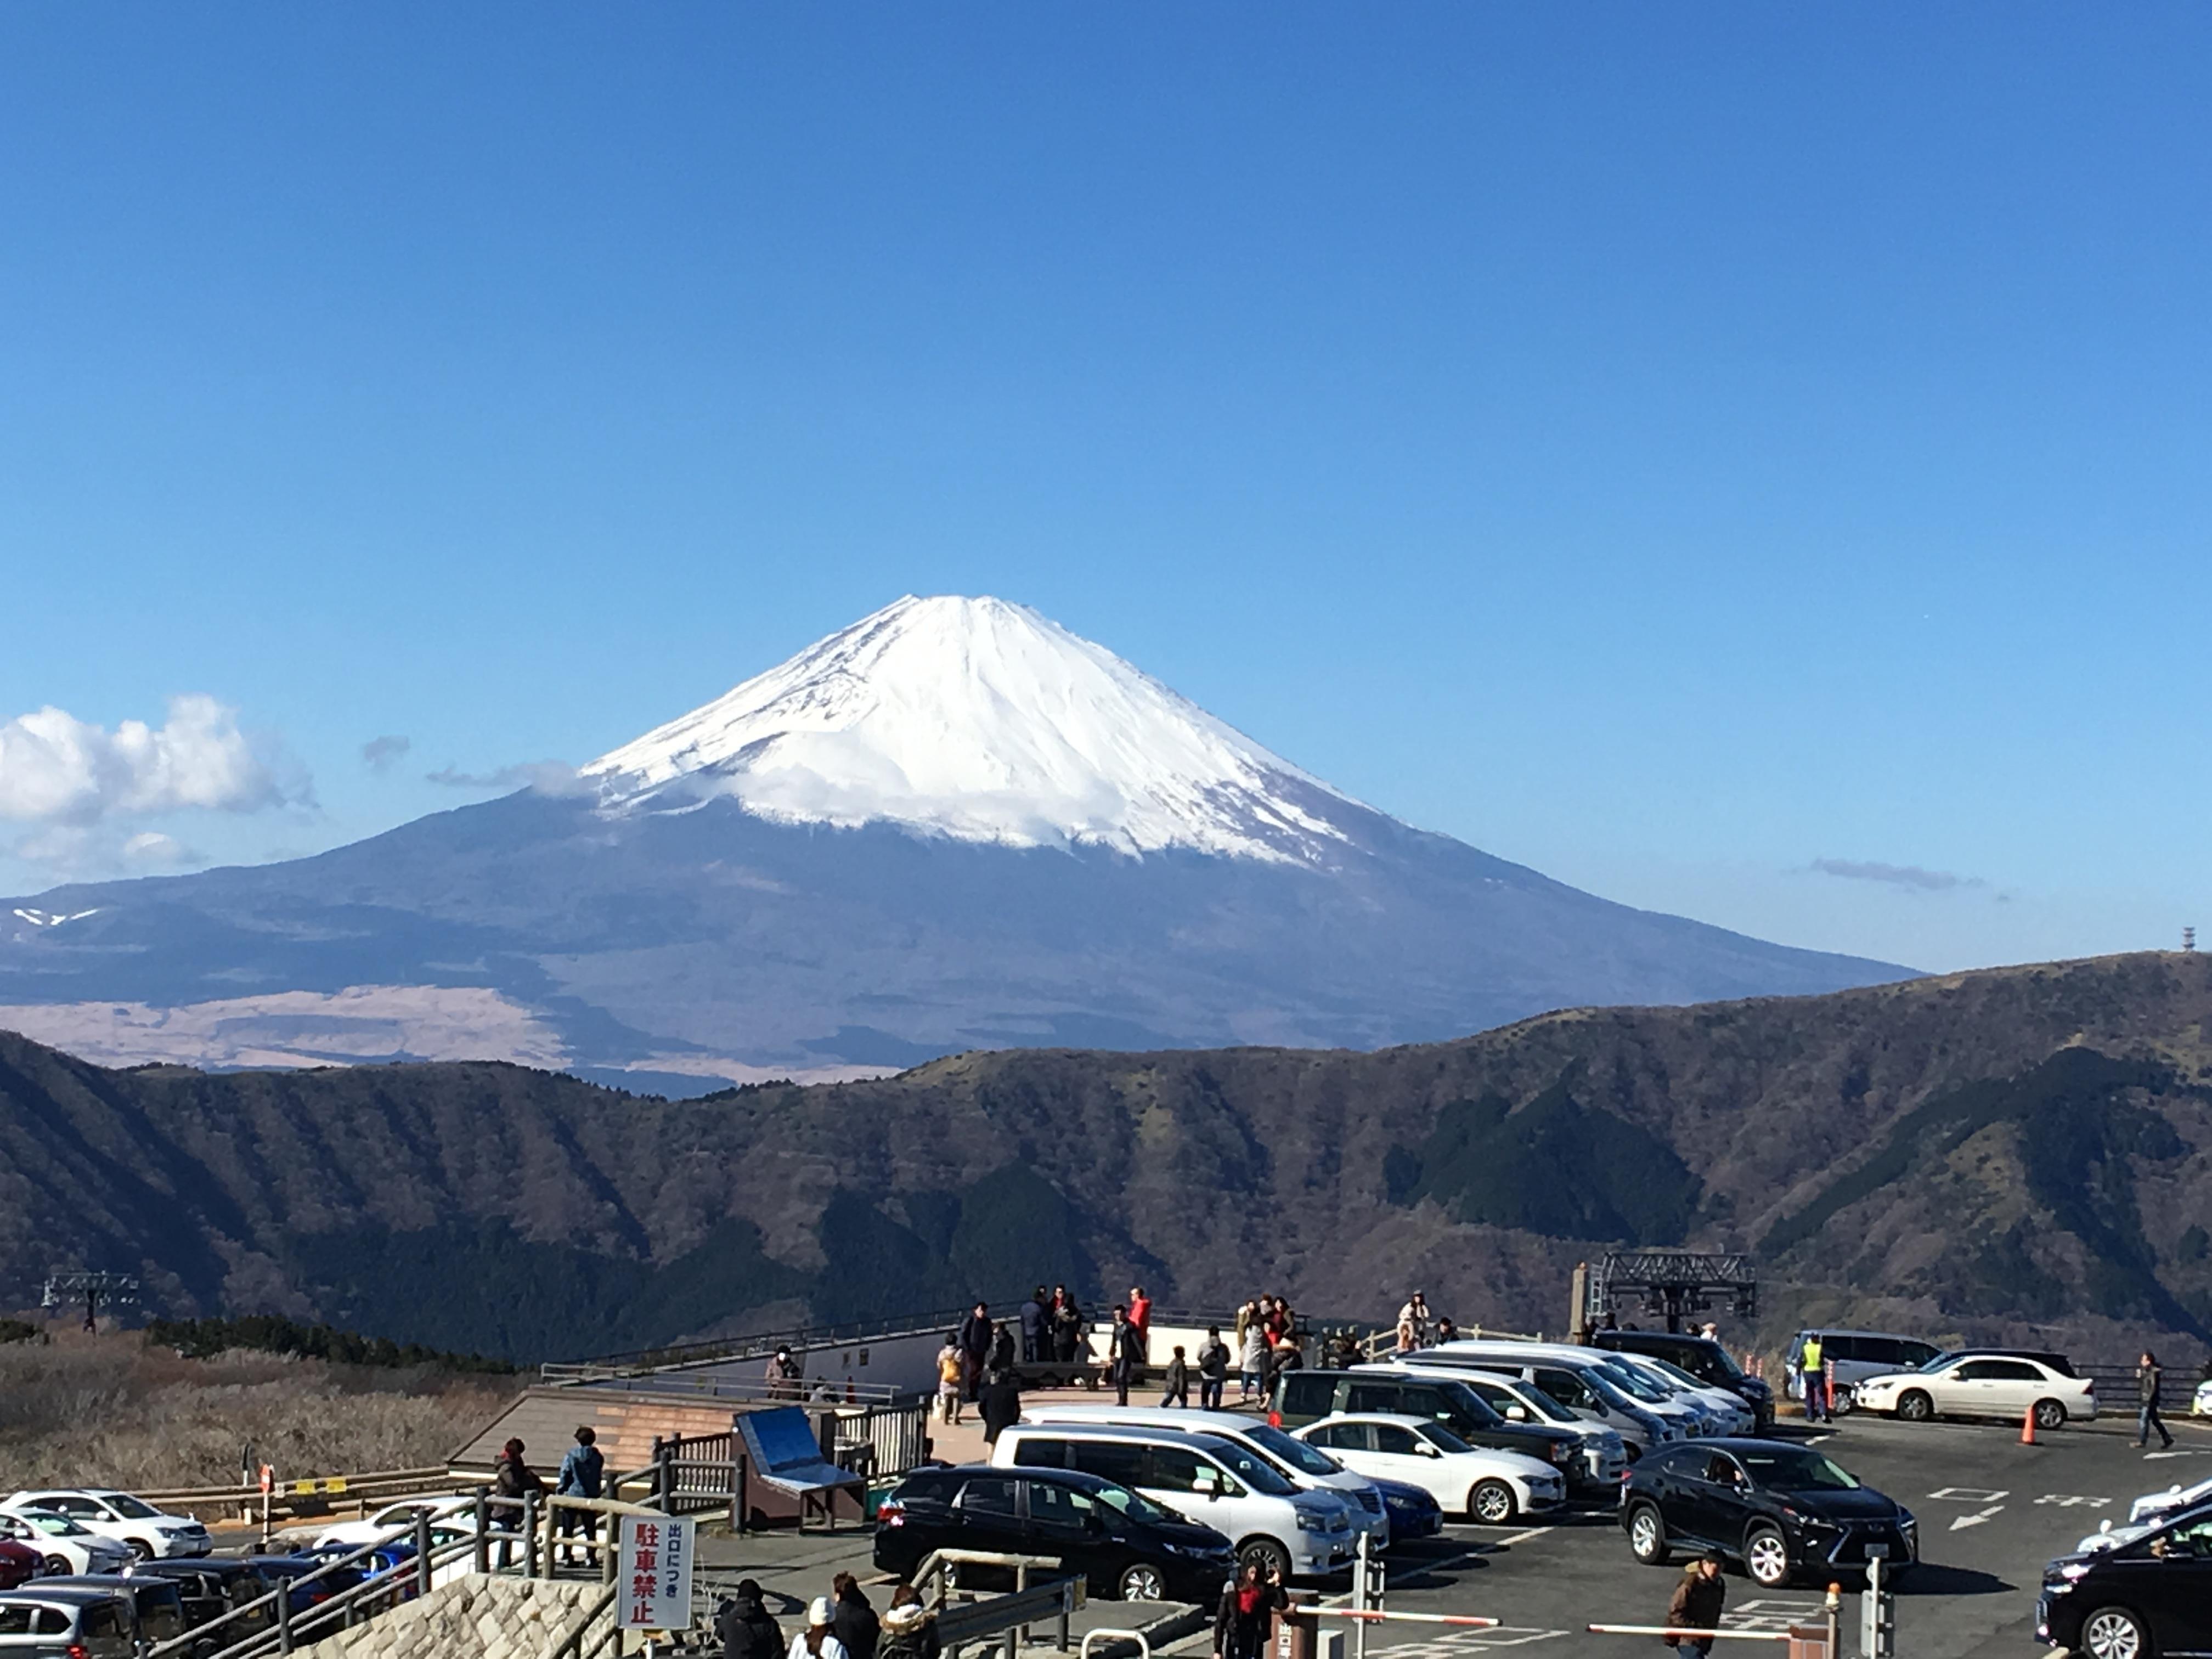 Mt. Fuji from Owakudani